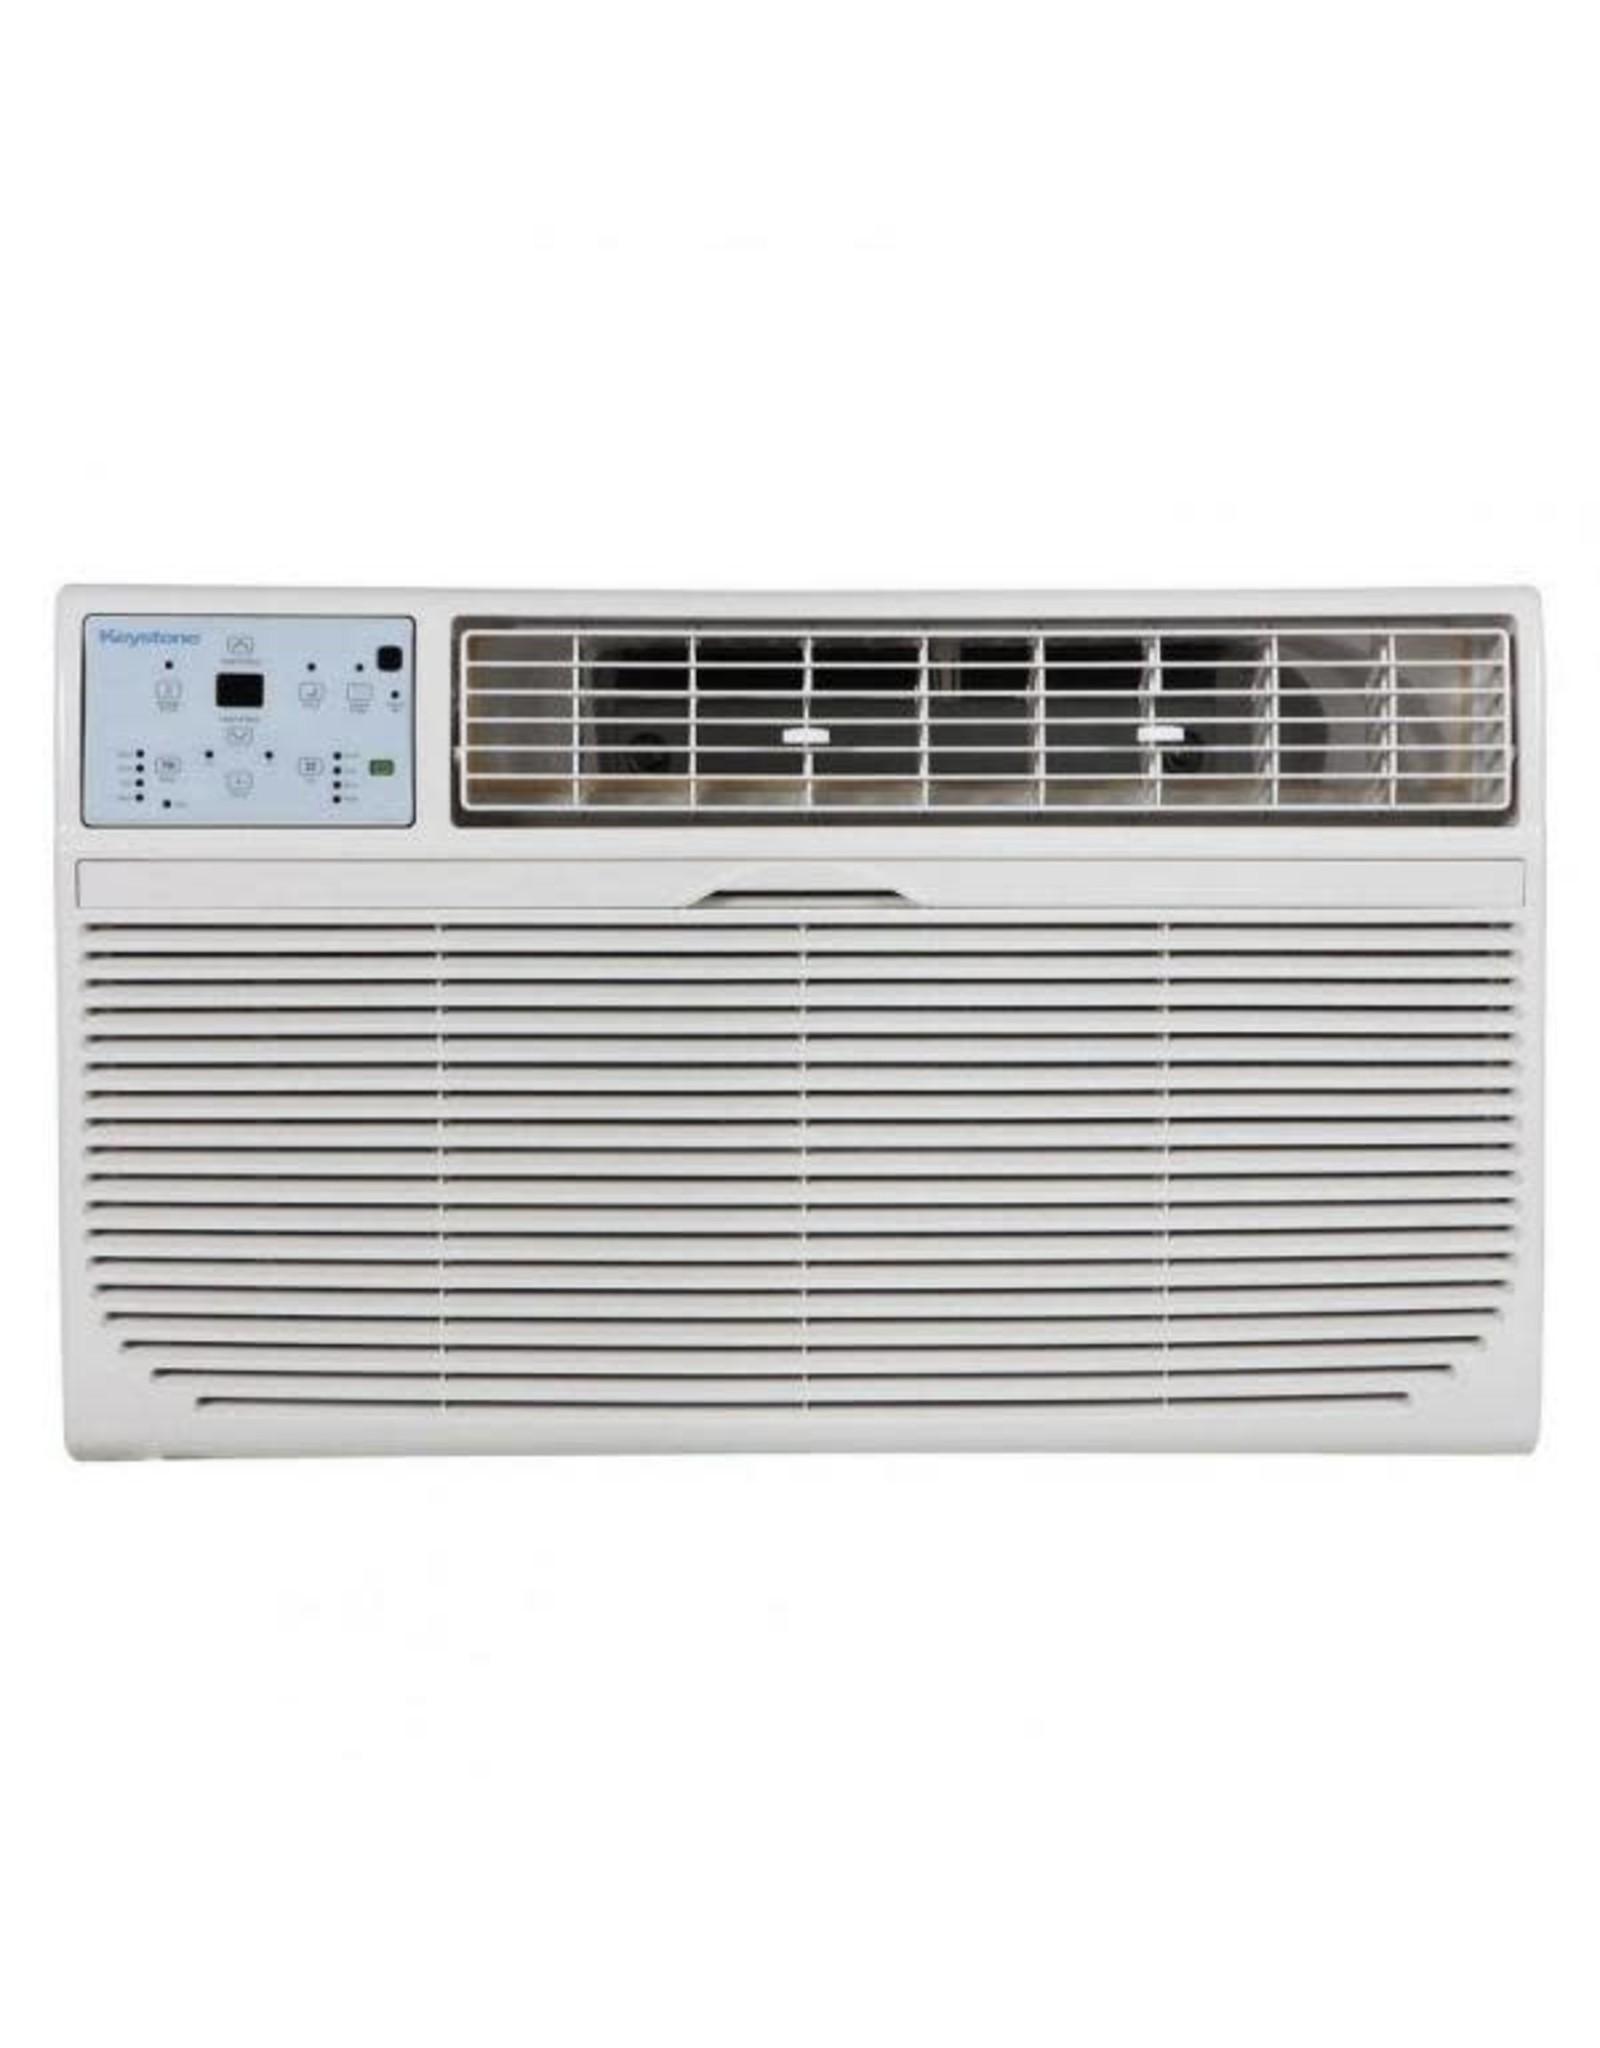 KEYSTONE KSTAT14-2HC  Keystone 14,000 BTU Thru-the-Wall Air Conditioner w/ Heat